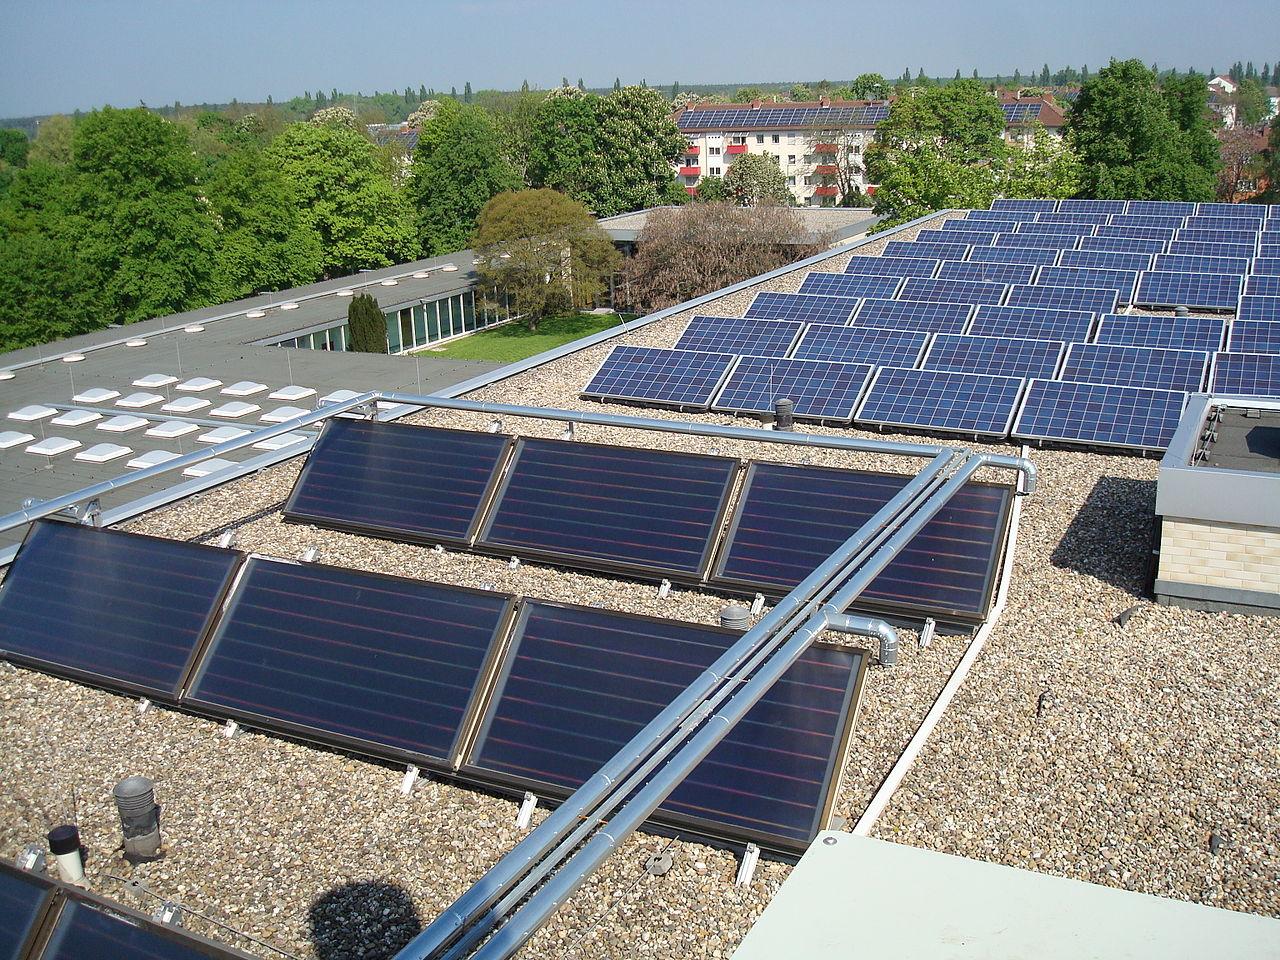 File:Dach des Gästehauses Freiherr vom Stein - Solarthermie und ...